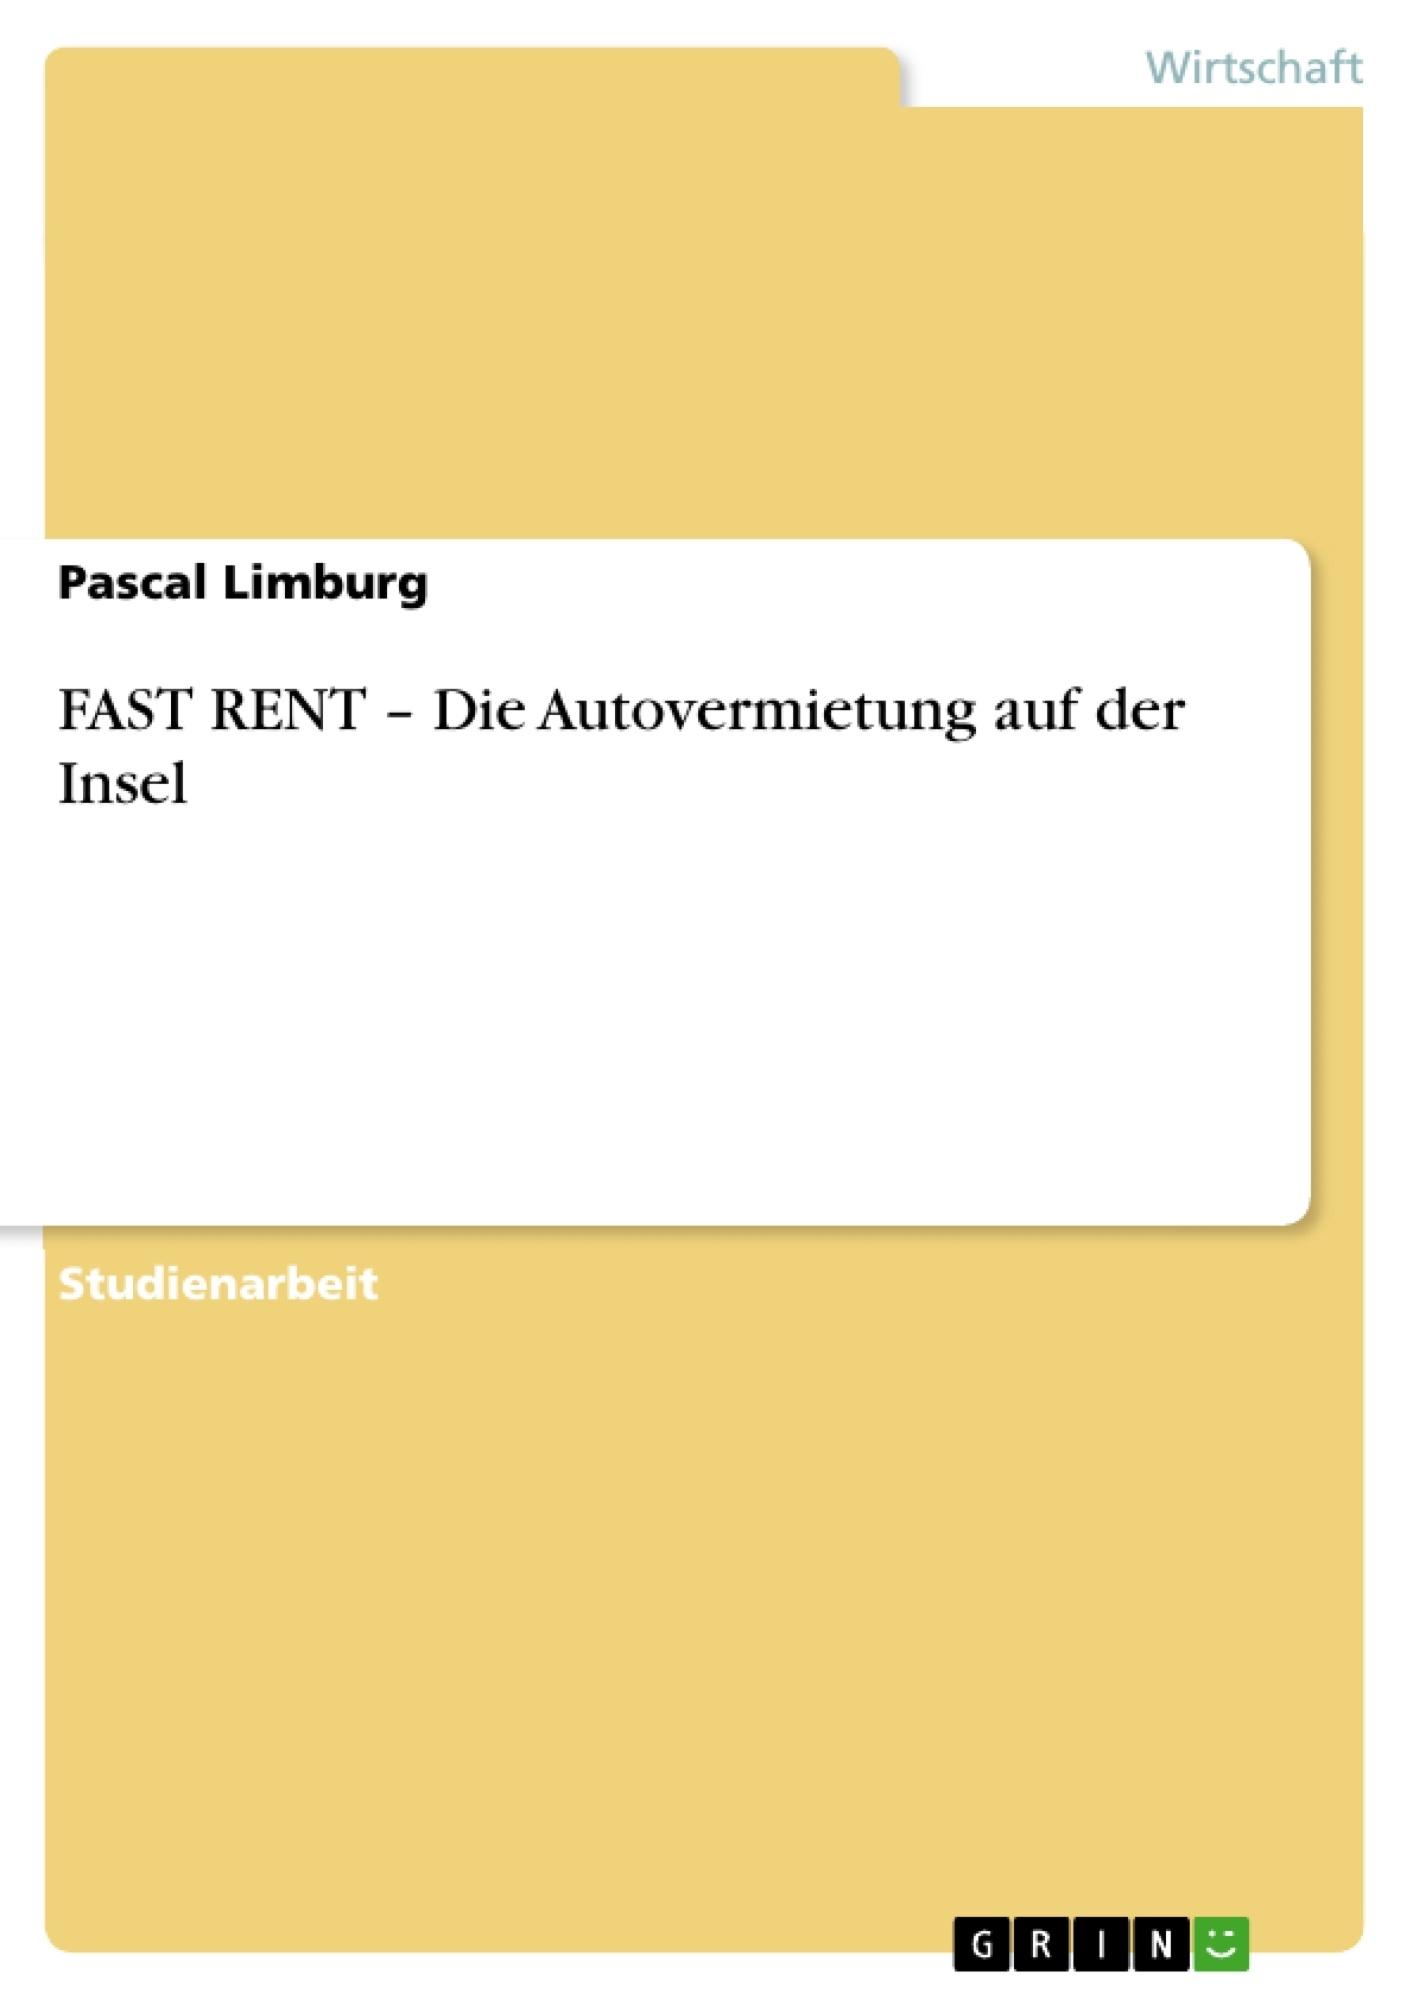 Titel: FAST RENT – Die Autovermietung auf der Insel